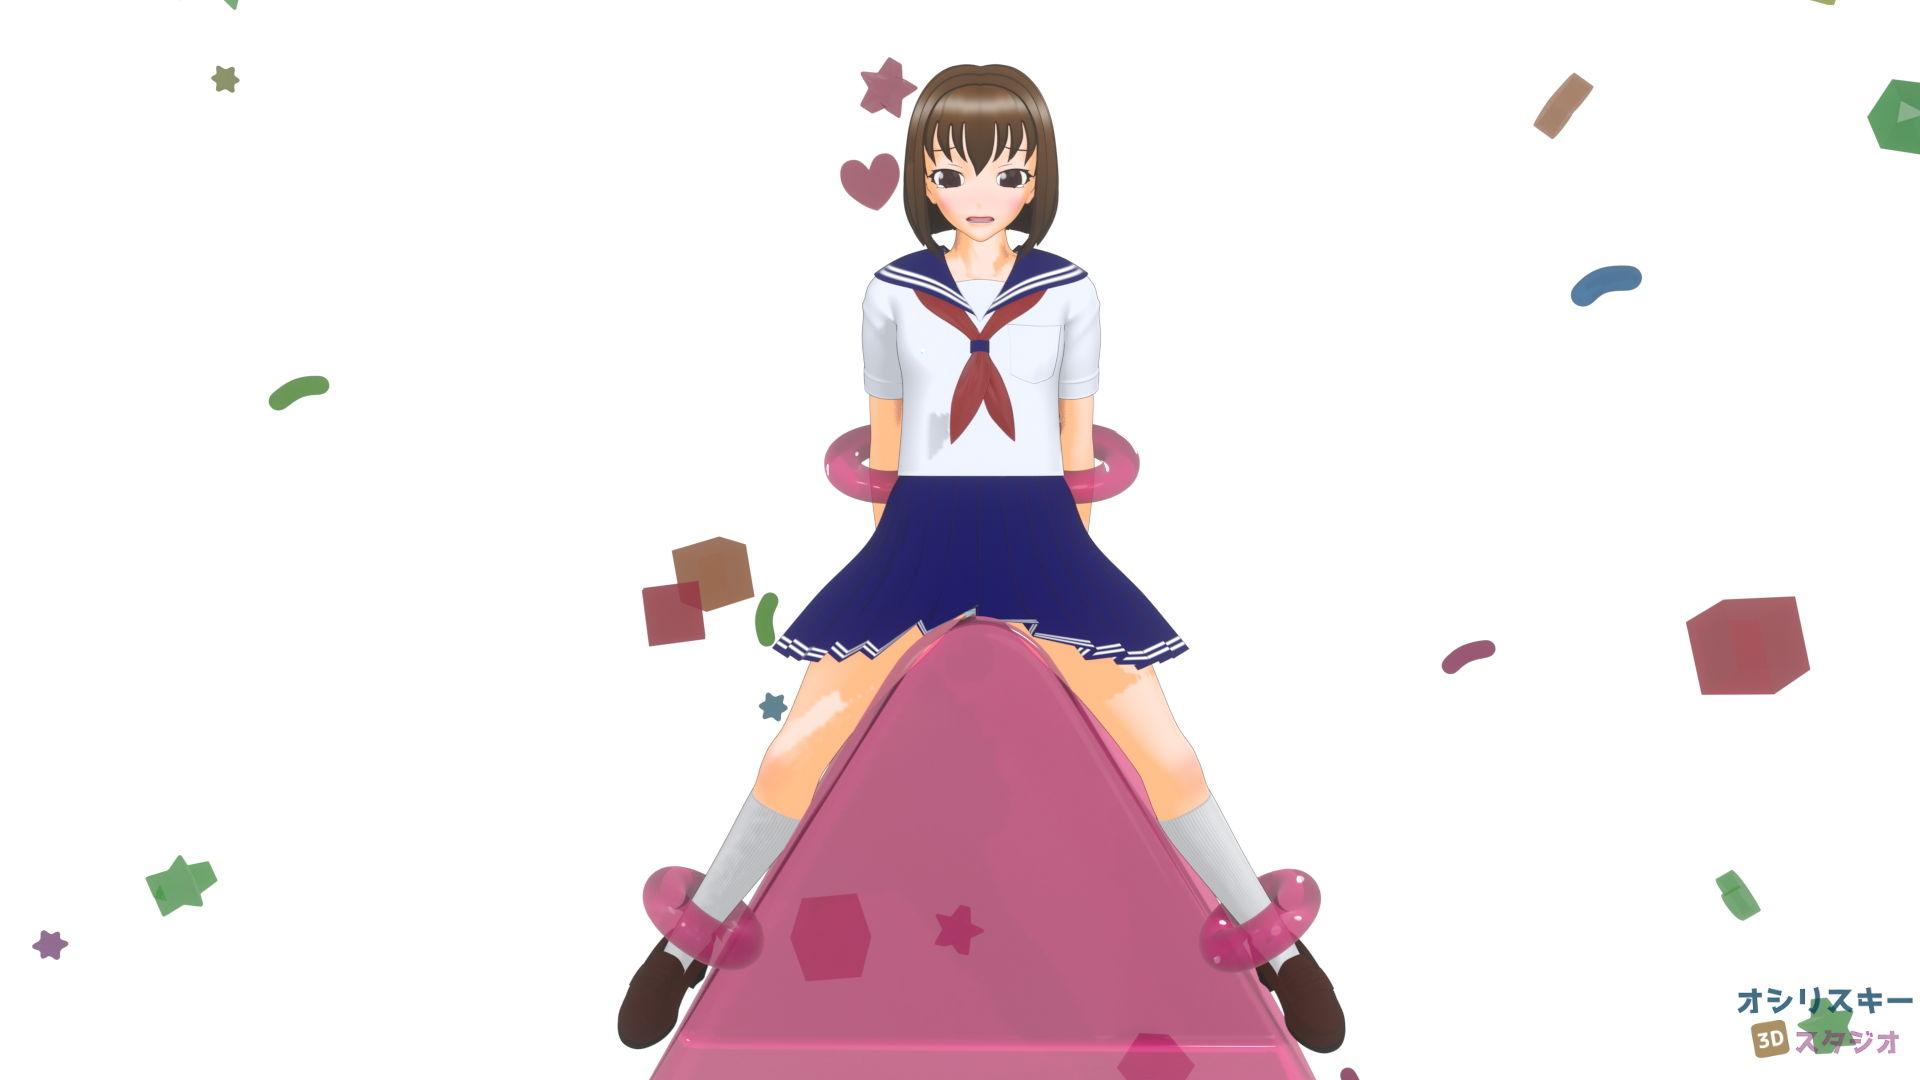 スライム快楽地獄変 ~桃山純花編~